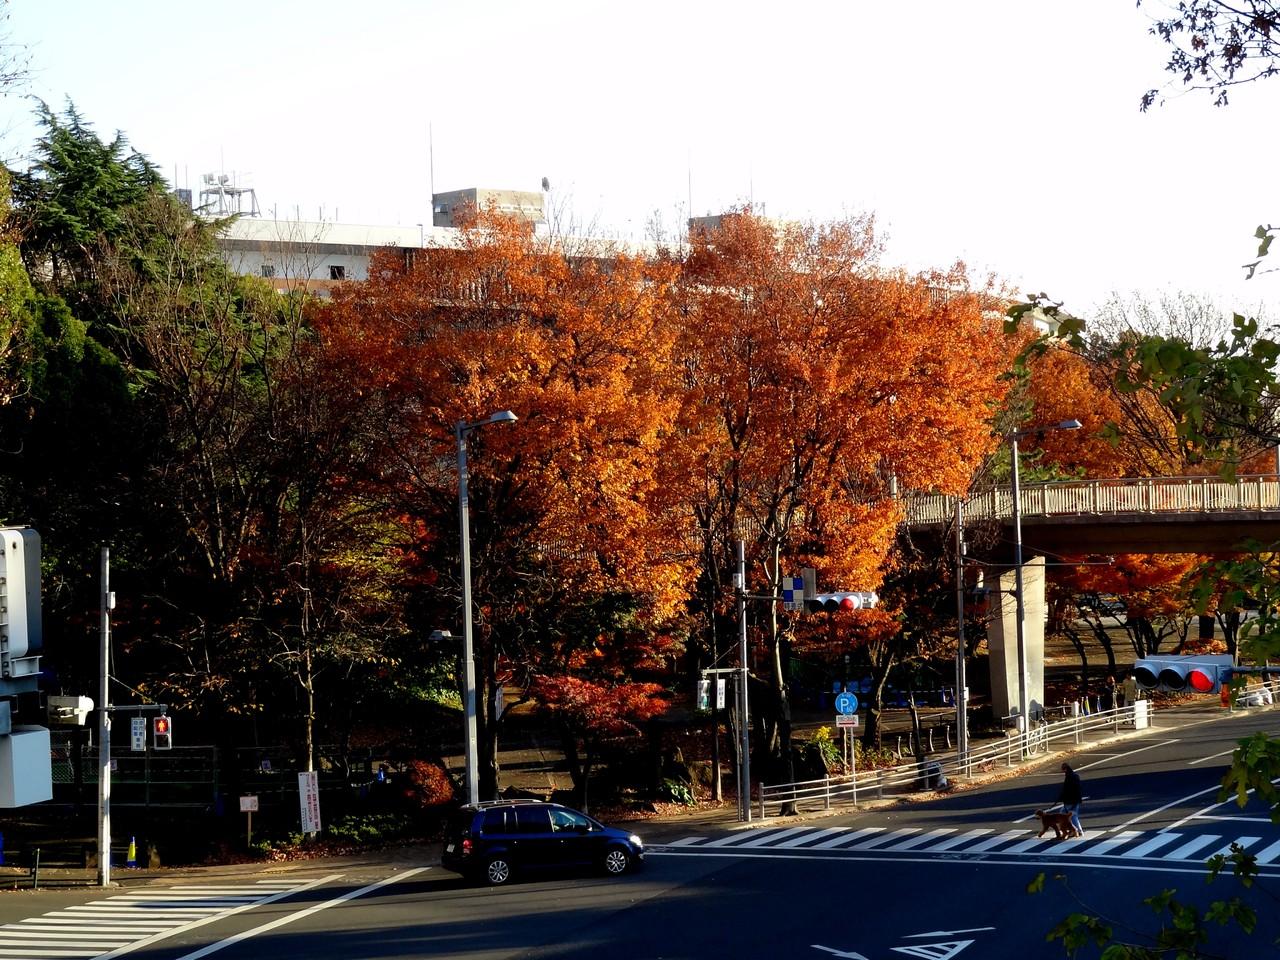 外苑橋から外苑西通り青山通り方面を望む、後ろは国立競技場